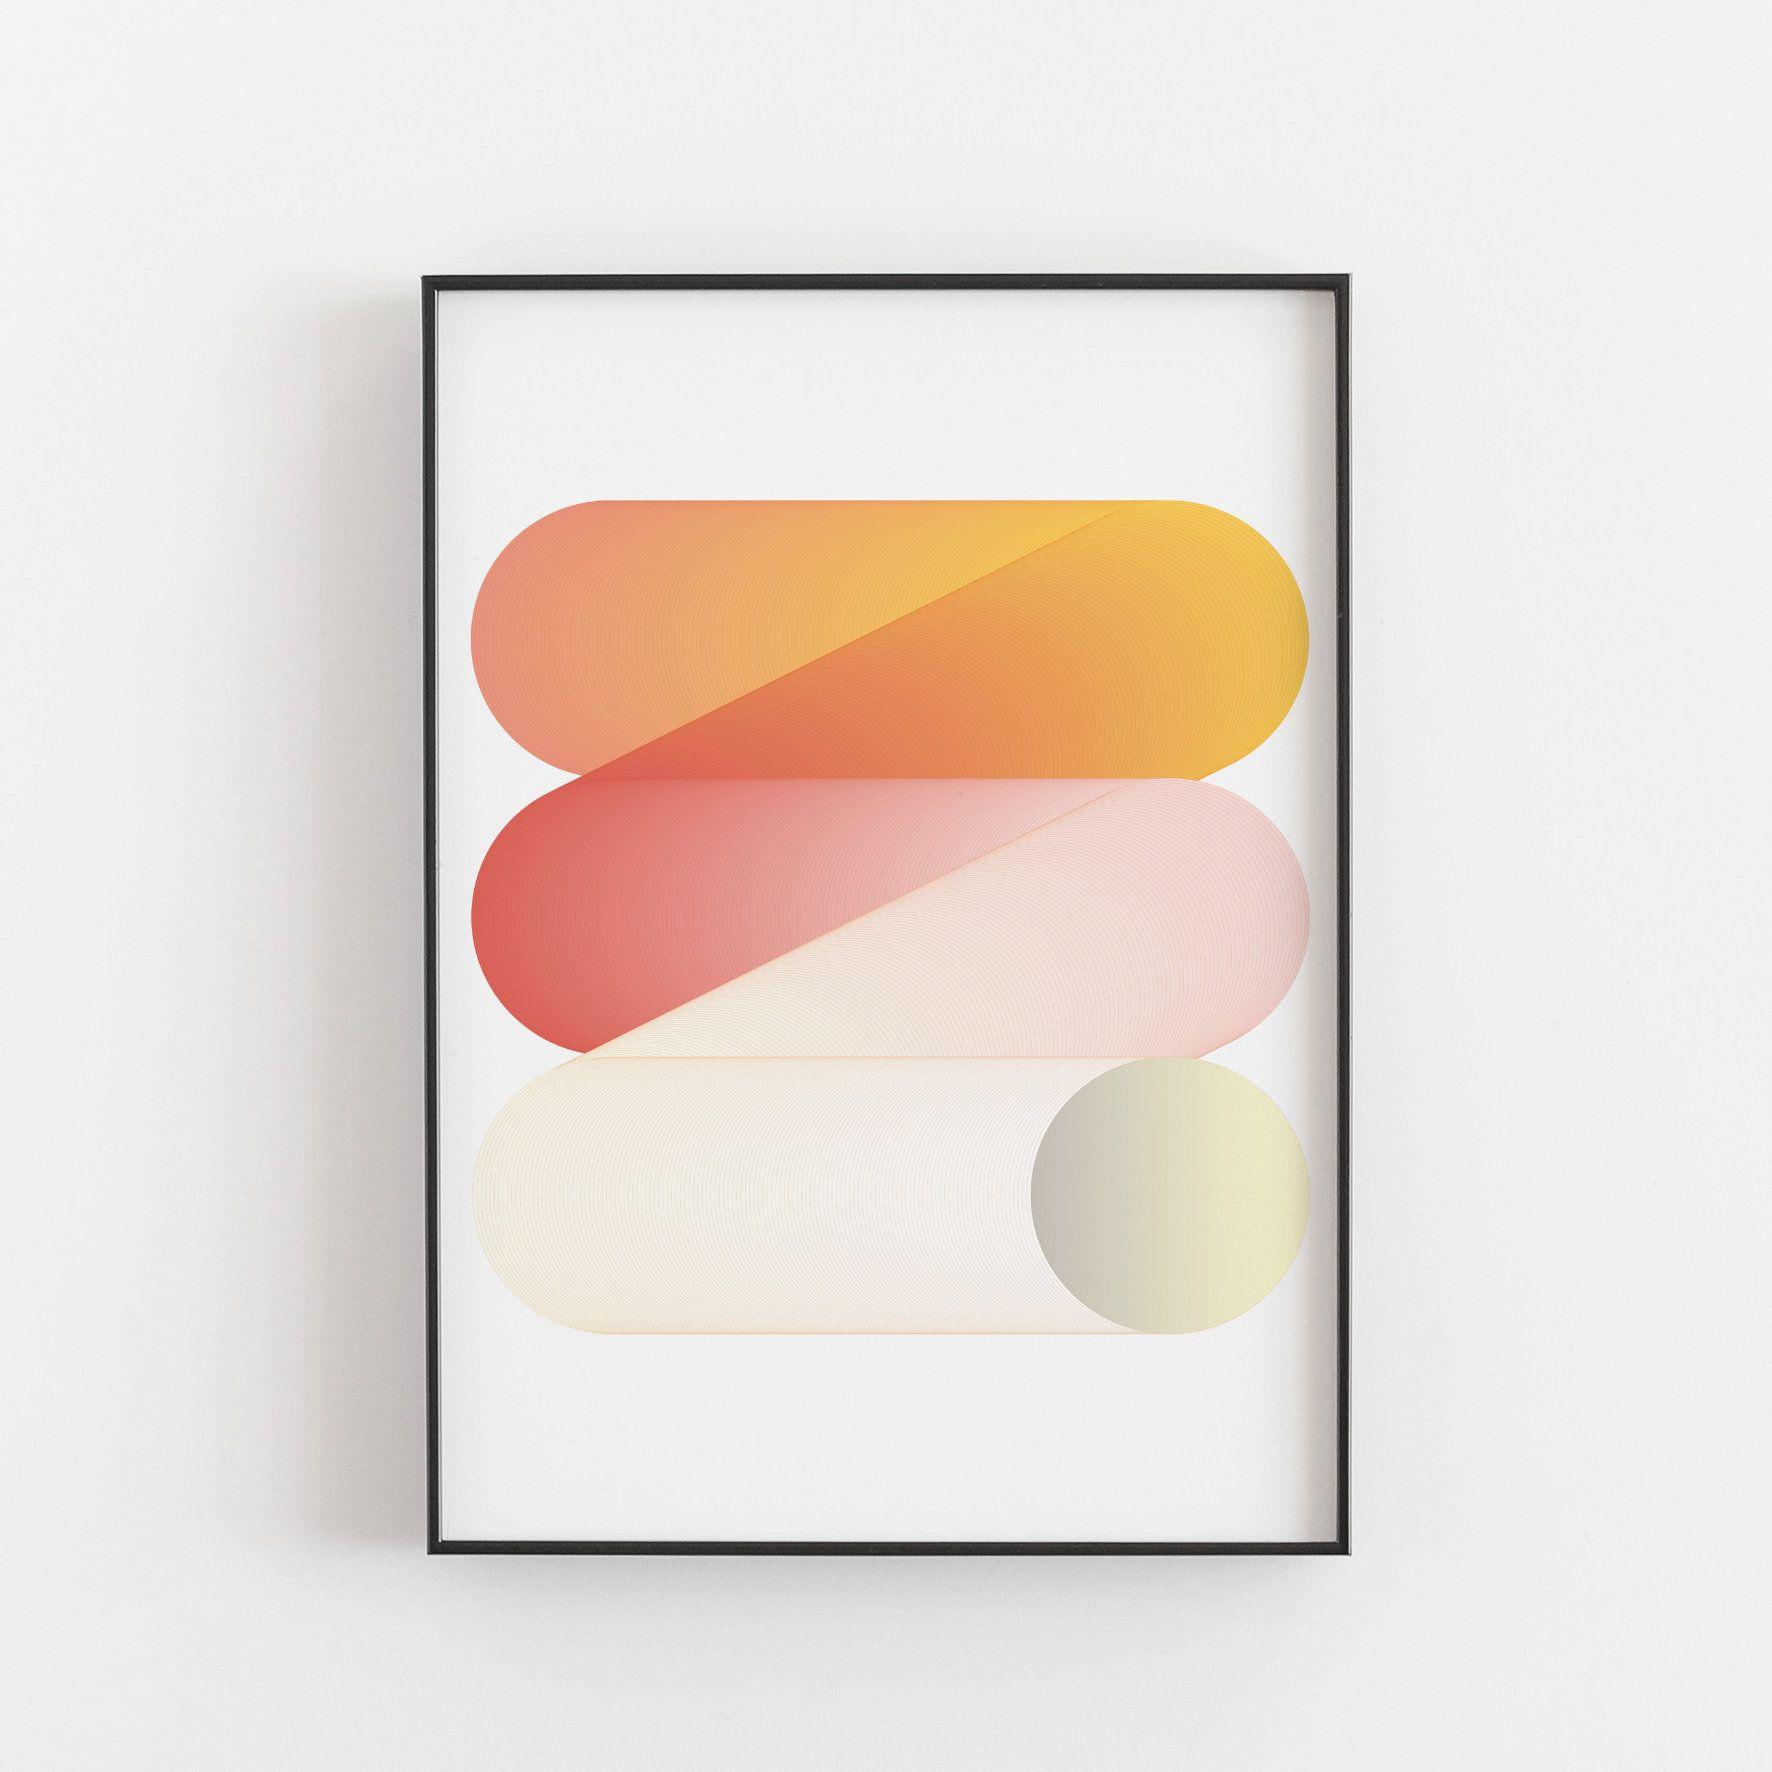 Rebond Un Audacieux Graphisme Impression D Art Par Deltanova Vintage Art Prints Graphic Design Art Unframed Prints